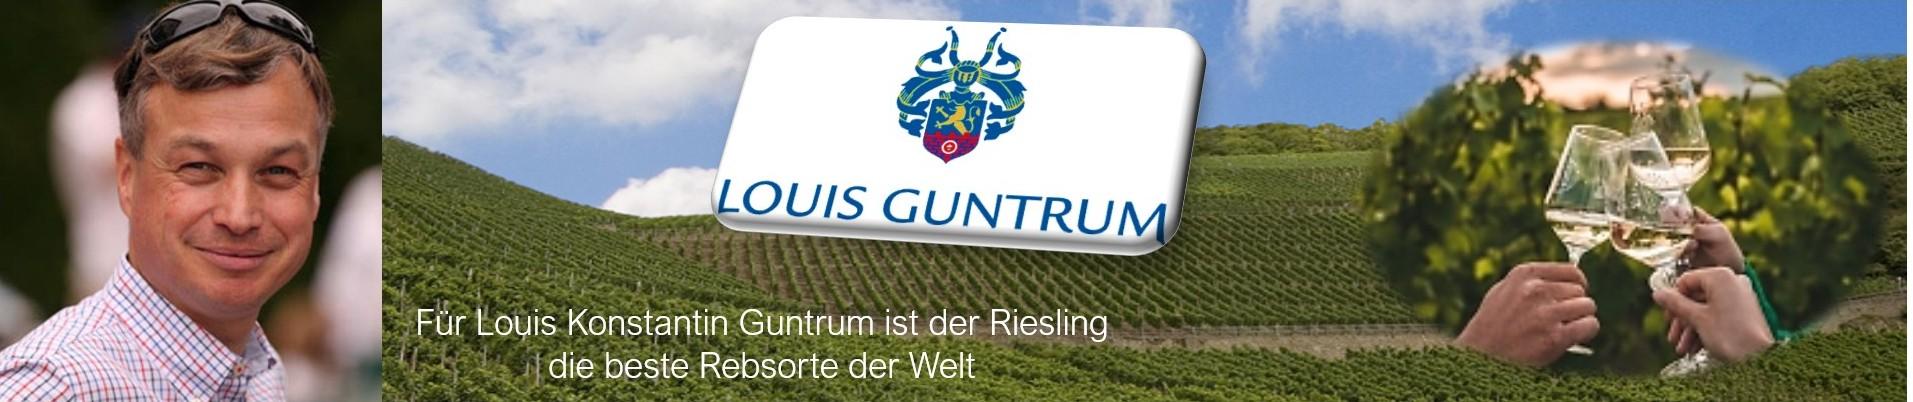 Louis-Guntrum-Rheinessen